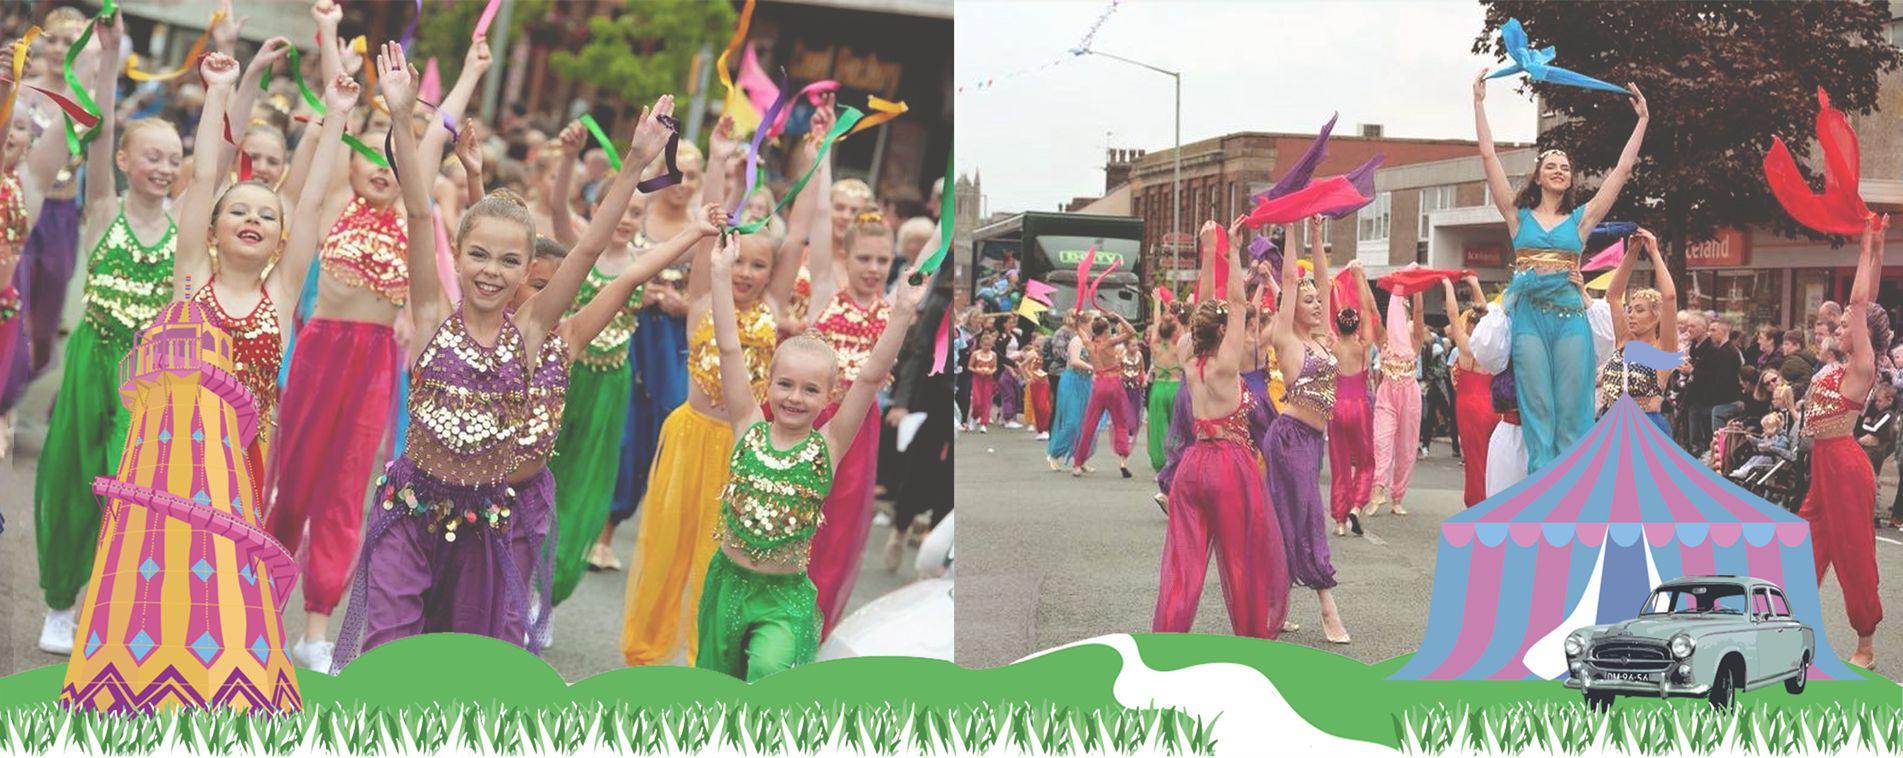 Mavis Berry & Helen Allen School Of Dance at Leyland Festival